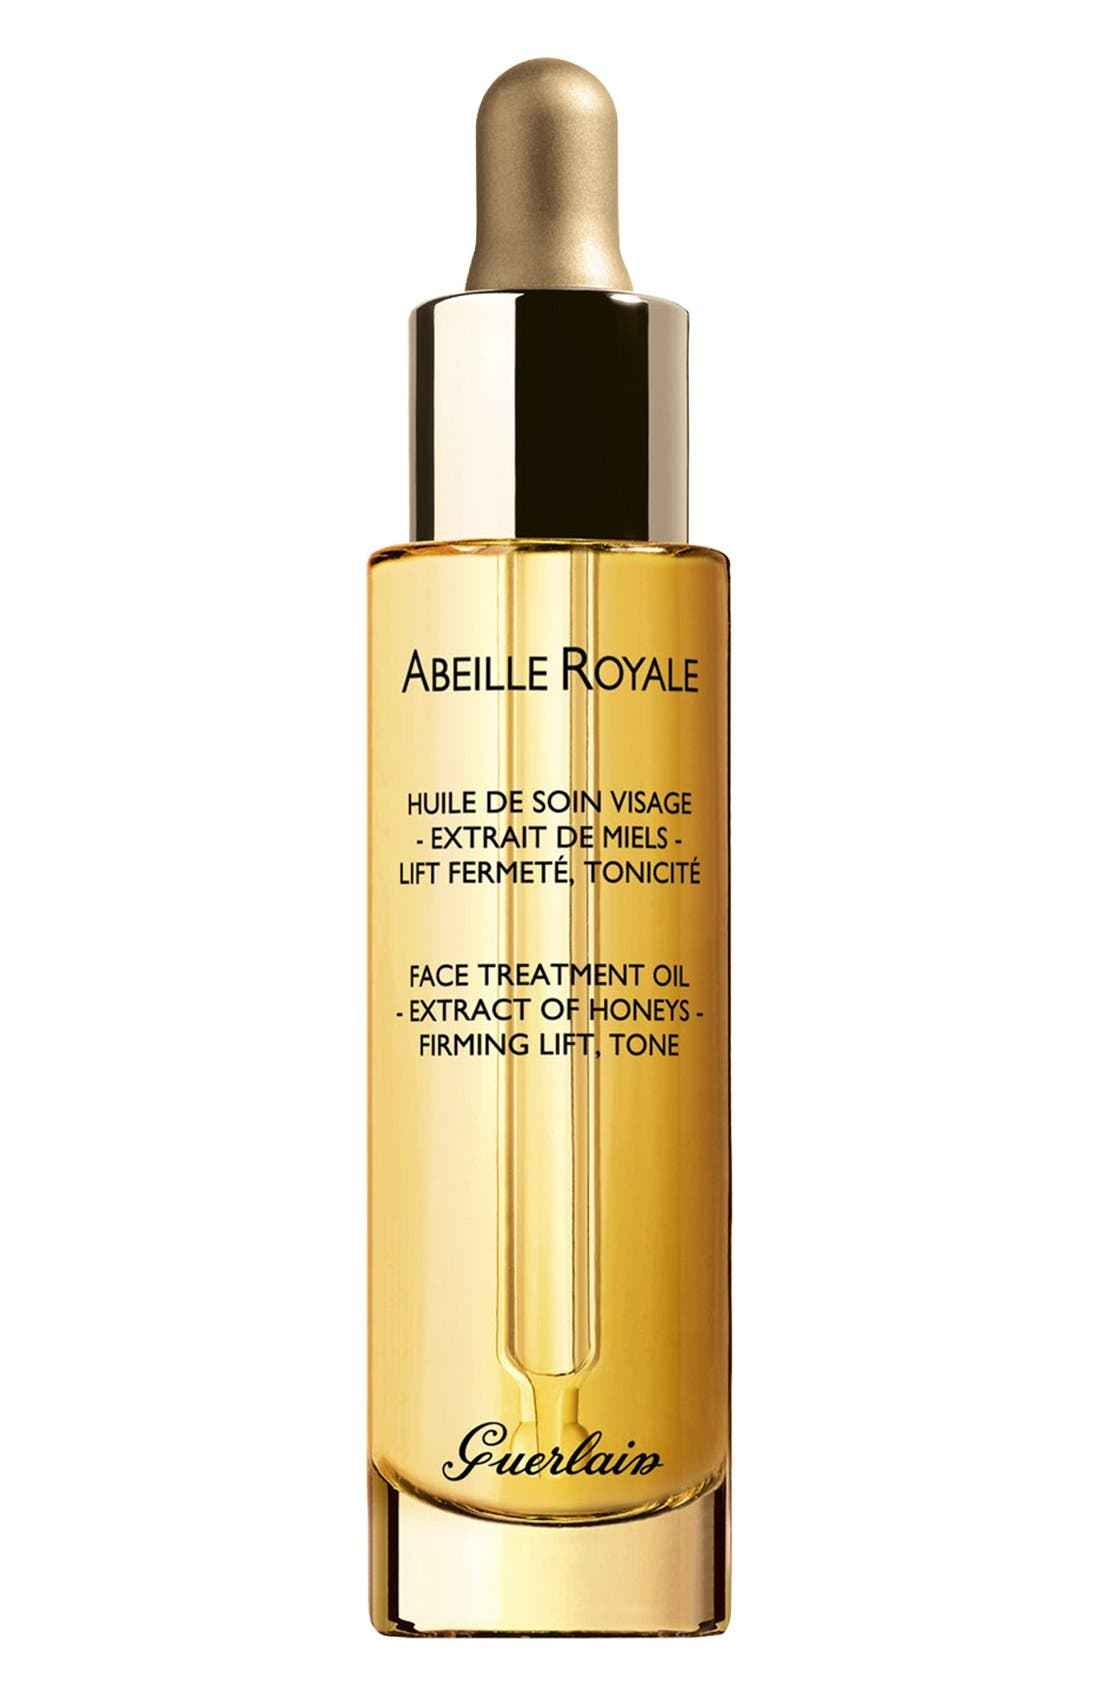 Guerlain 'Abeille Royale' Face Treatment Oil